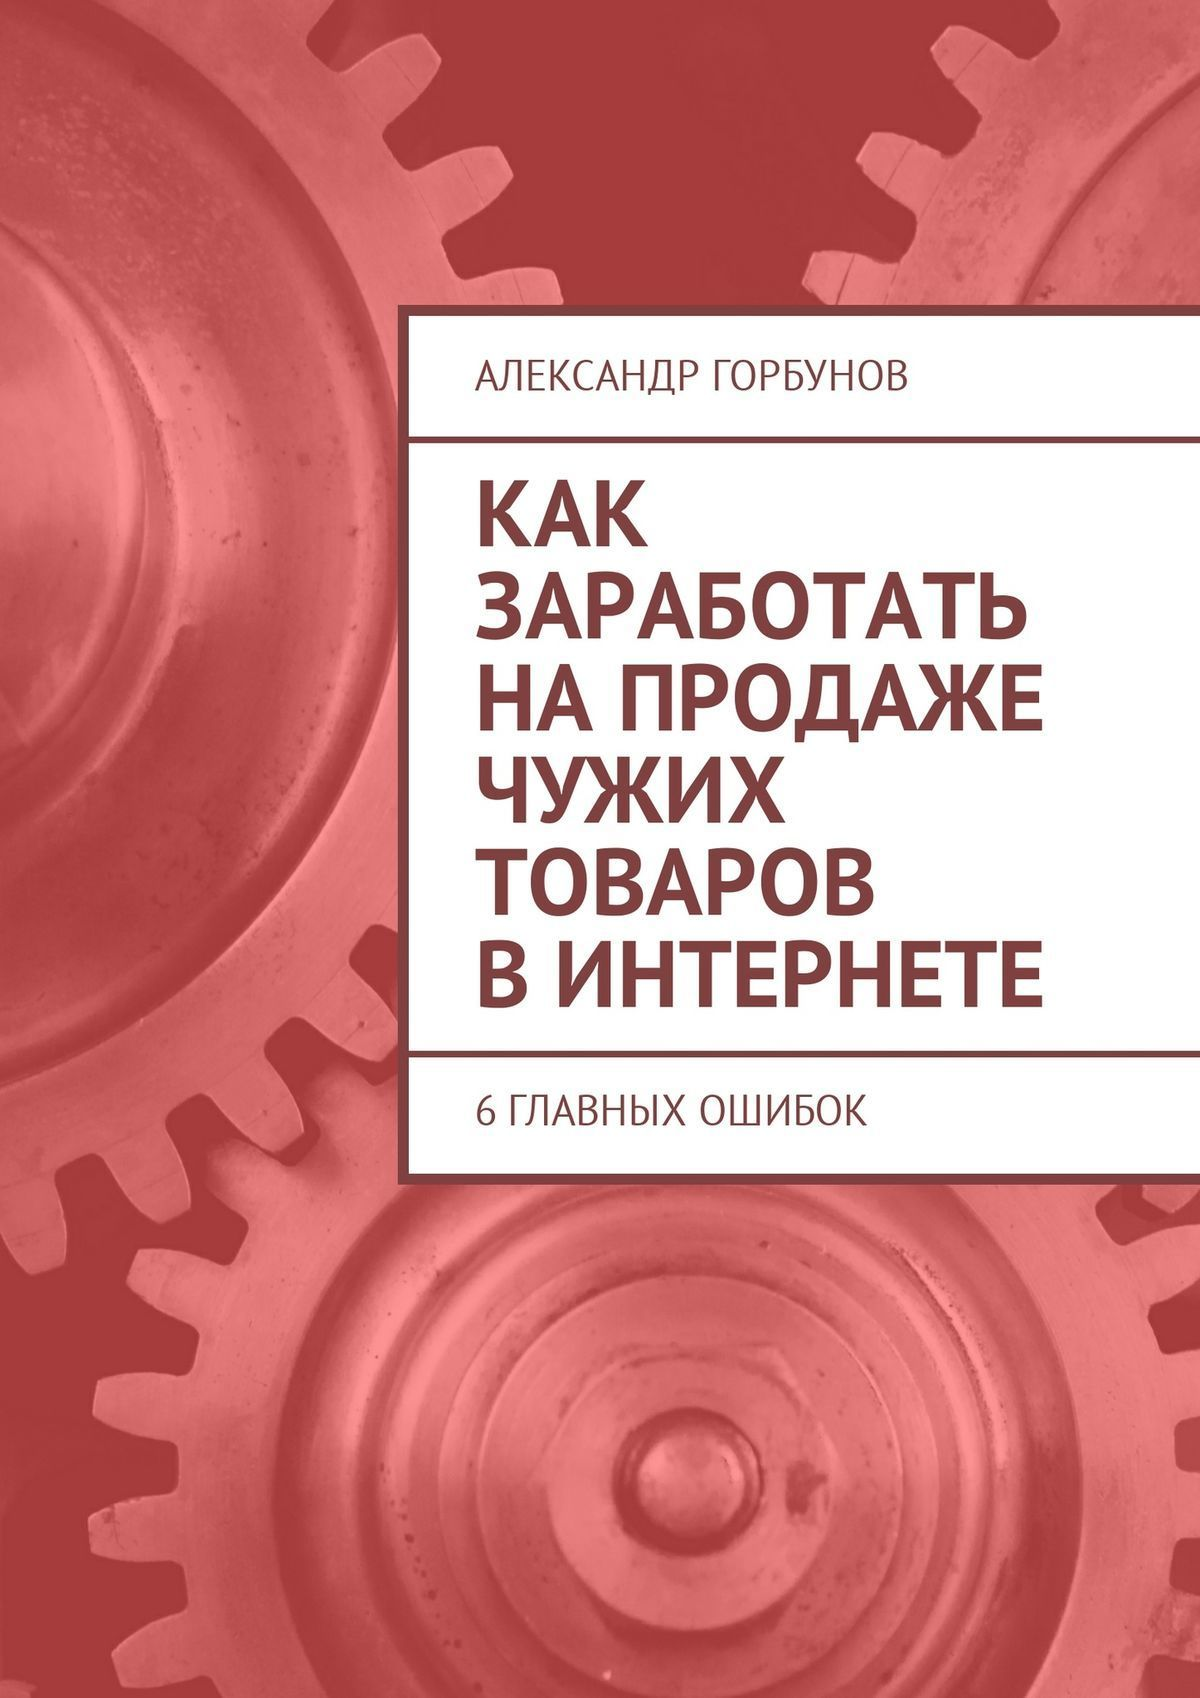 Обложка книги Как заработать напродаже чужих товаров вИнтернете. 6главных ошибок